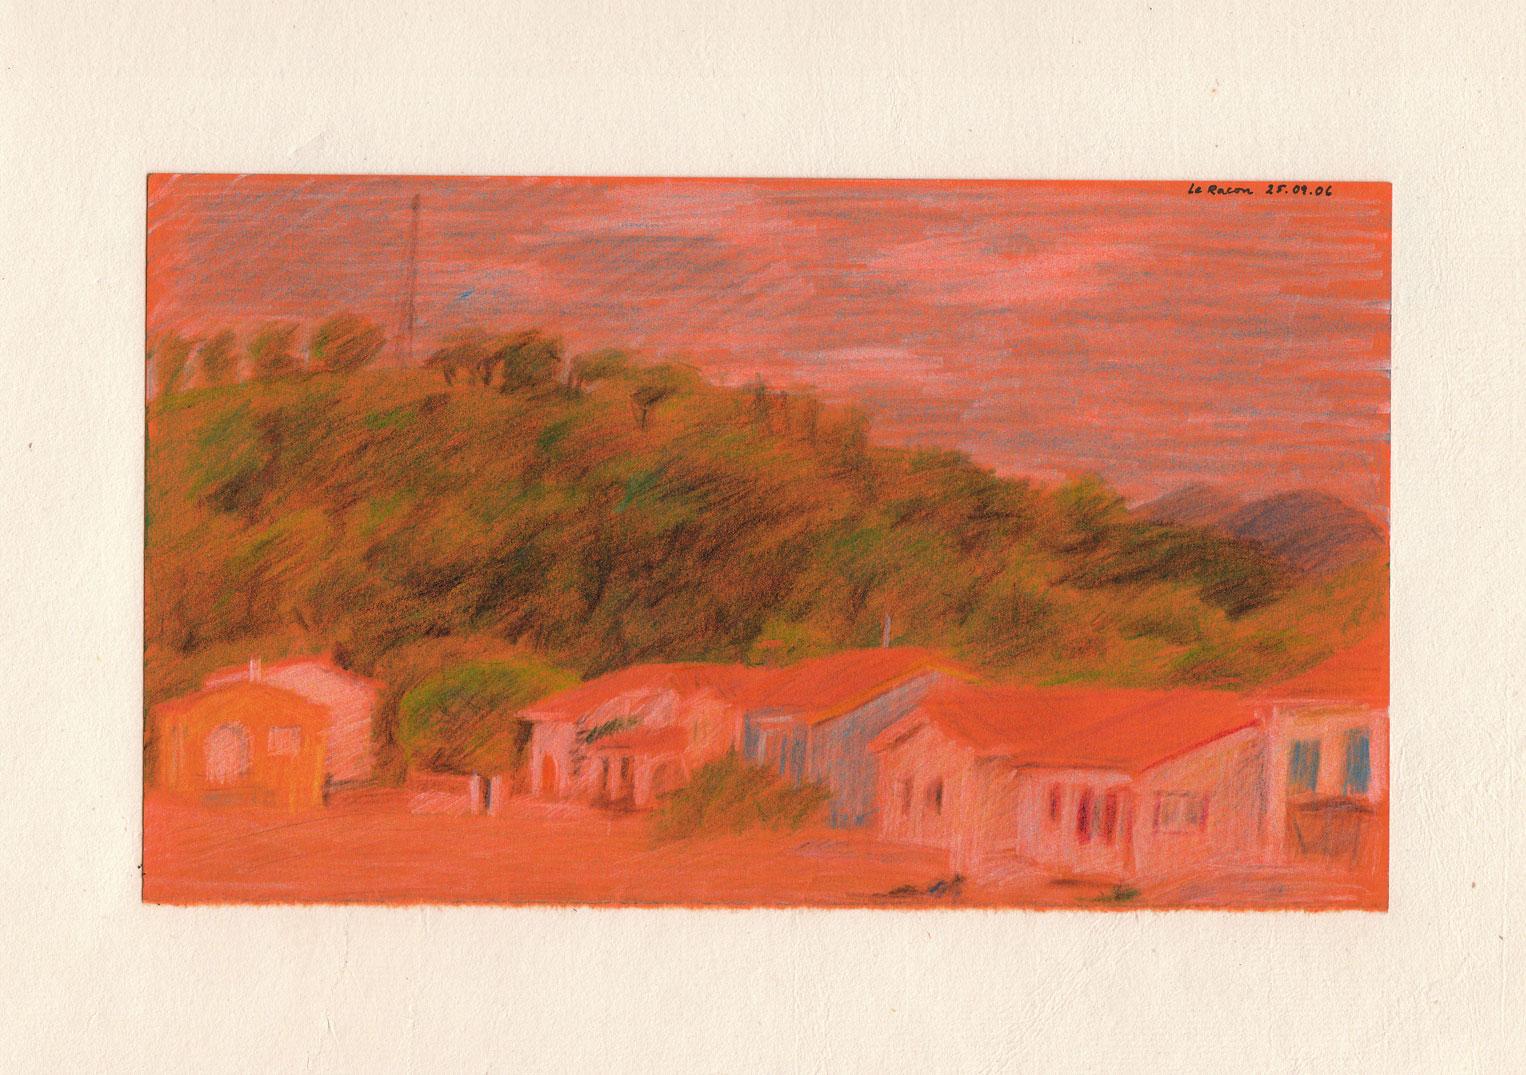 pano2-orange.jpg